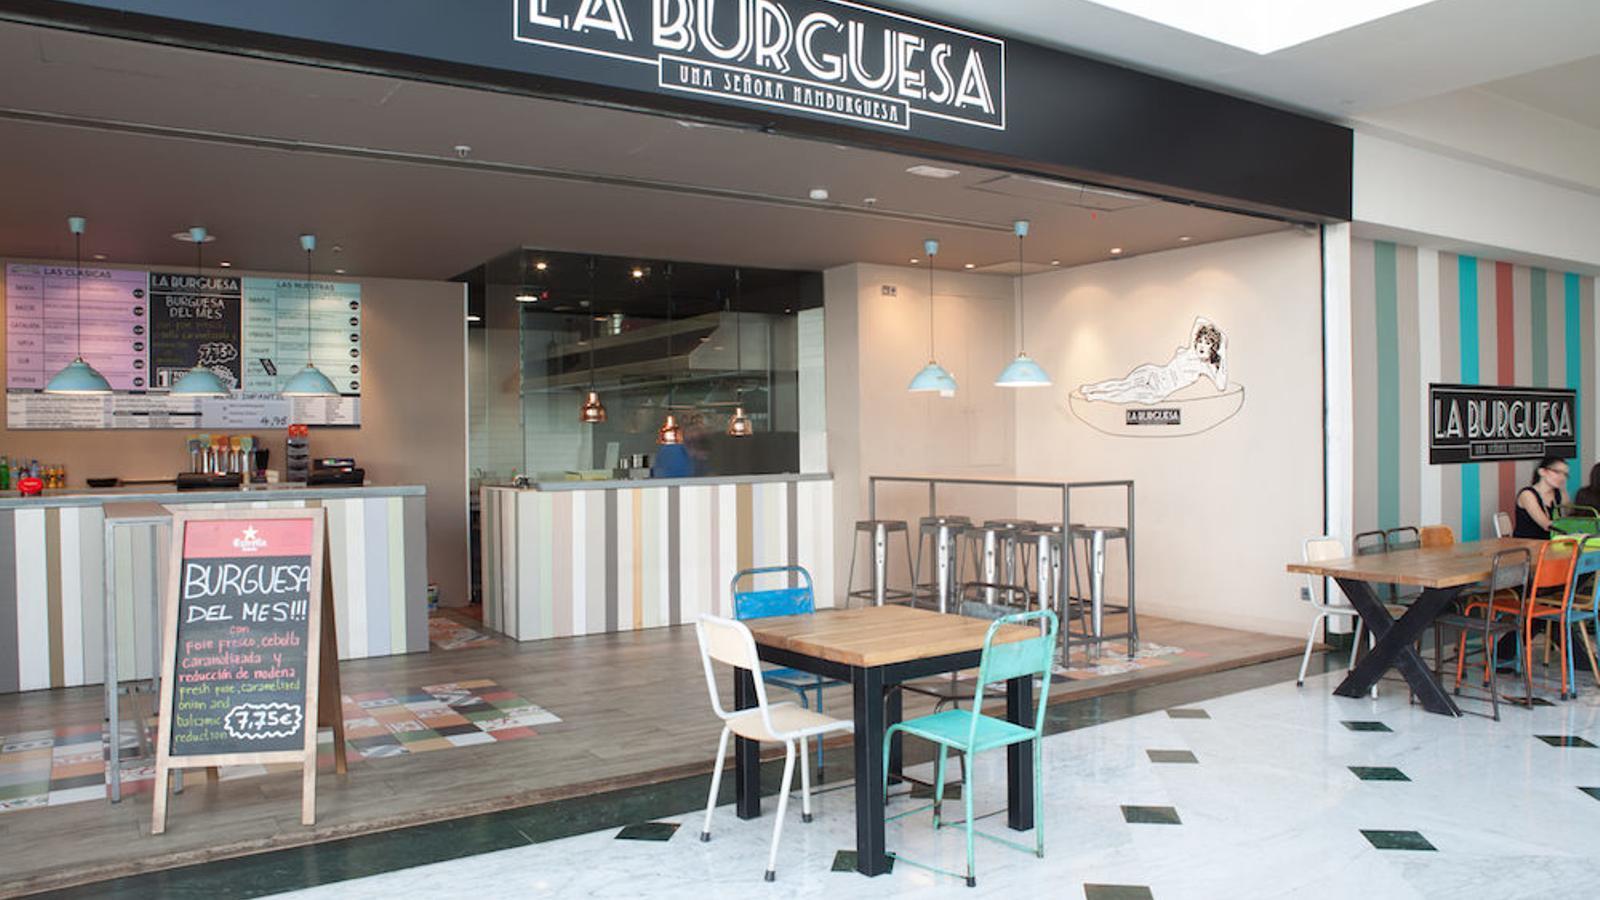 La campanya denunciada, a la paret de la dreta, en una fotografia de la pàgina web del restaurant